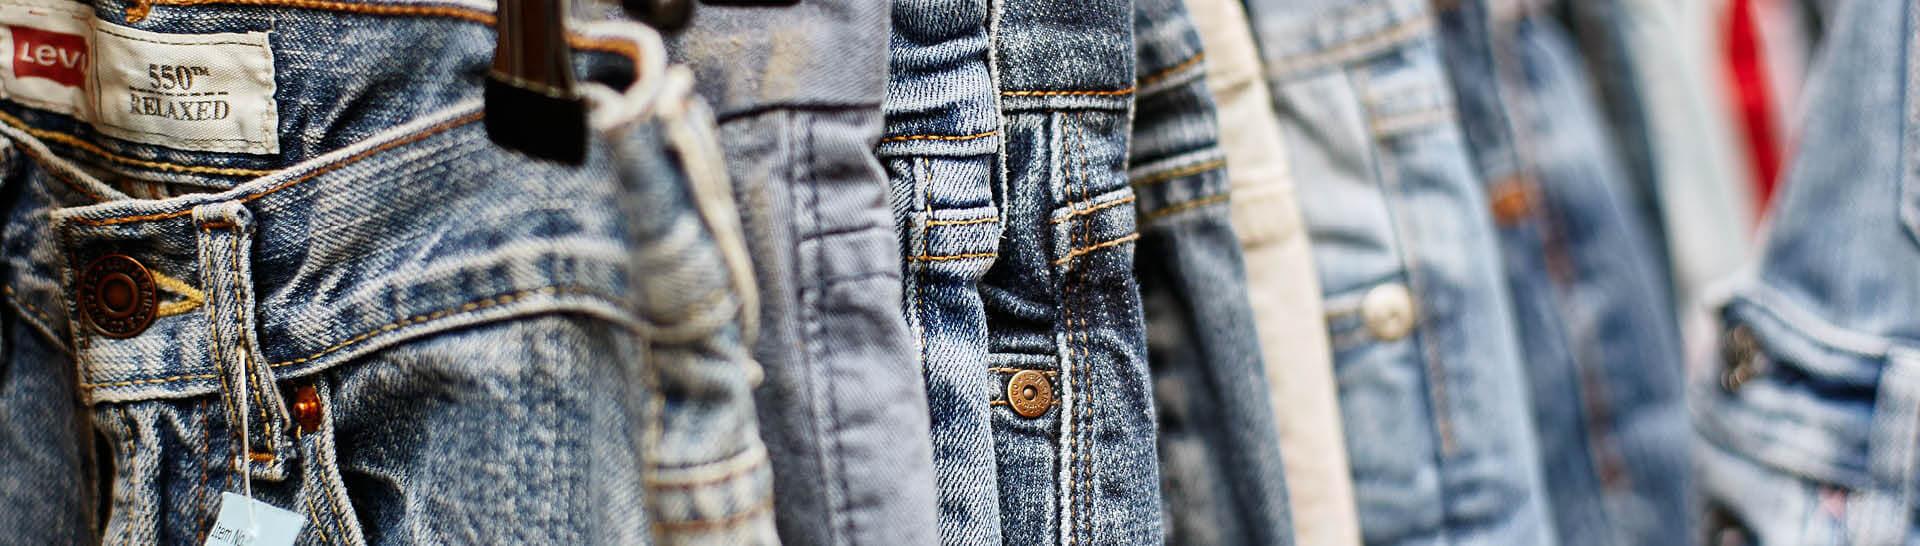 pants-background-shop